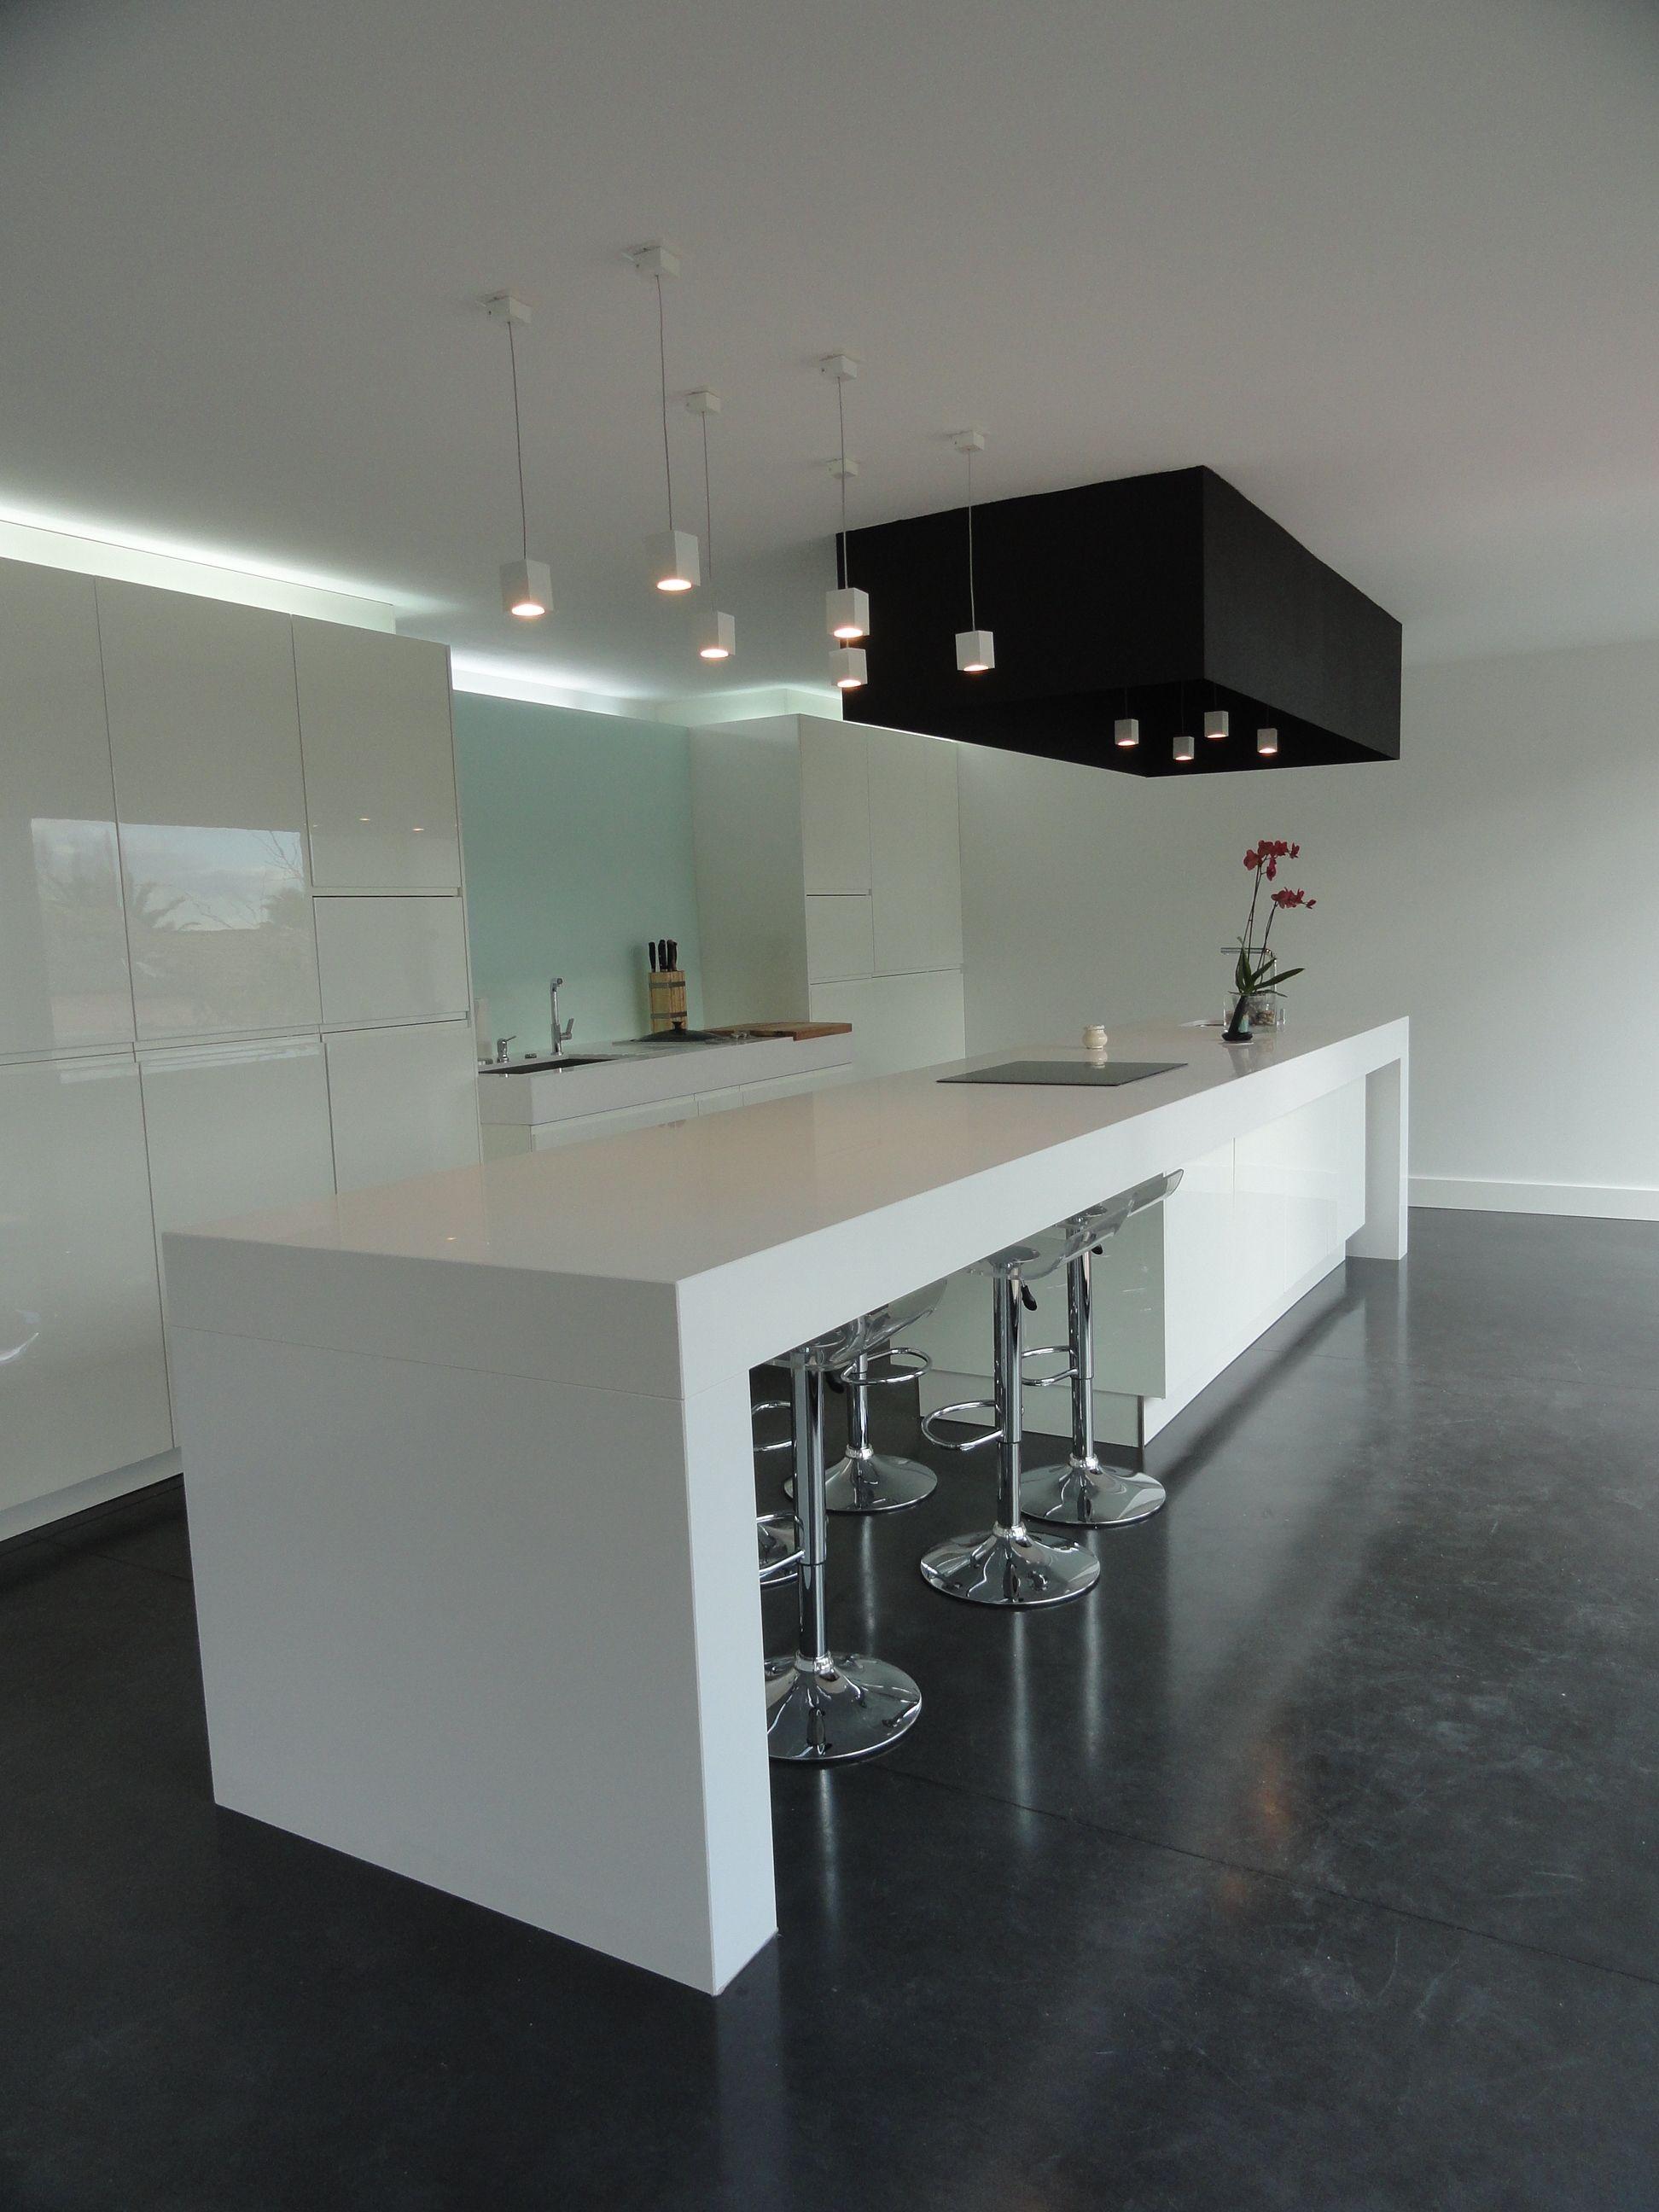 plan cuisine carre decor de chambre renovation plan de travail cuisine carrel cas appliquez une. Black Bedroom Furniture Sets. Home Design Ideas